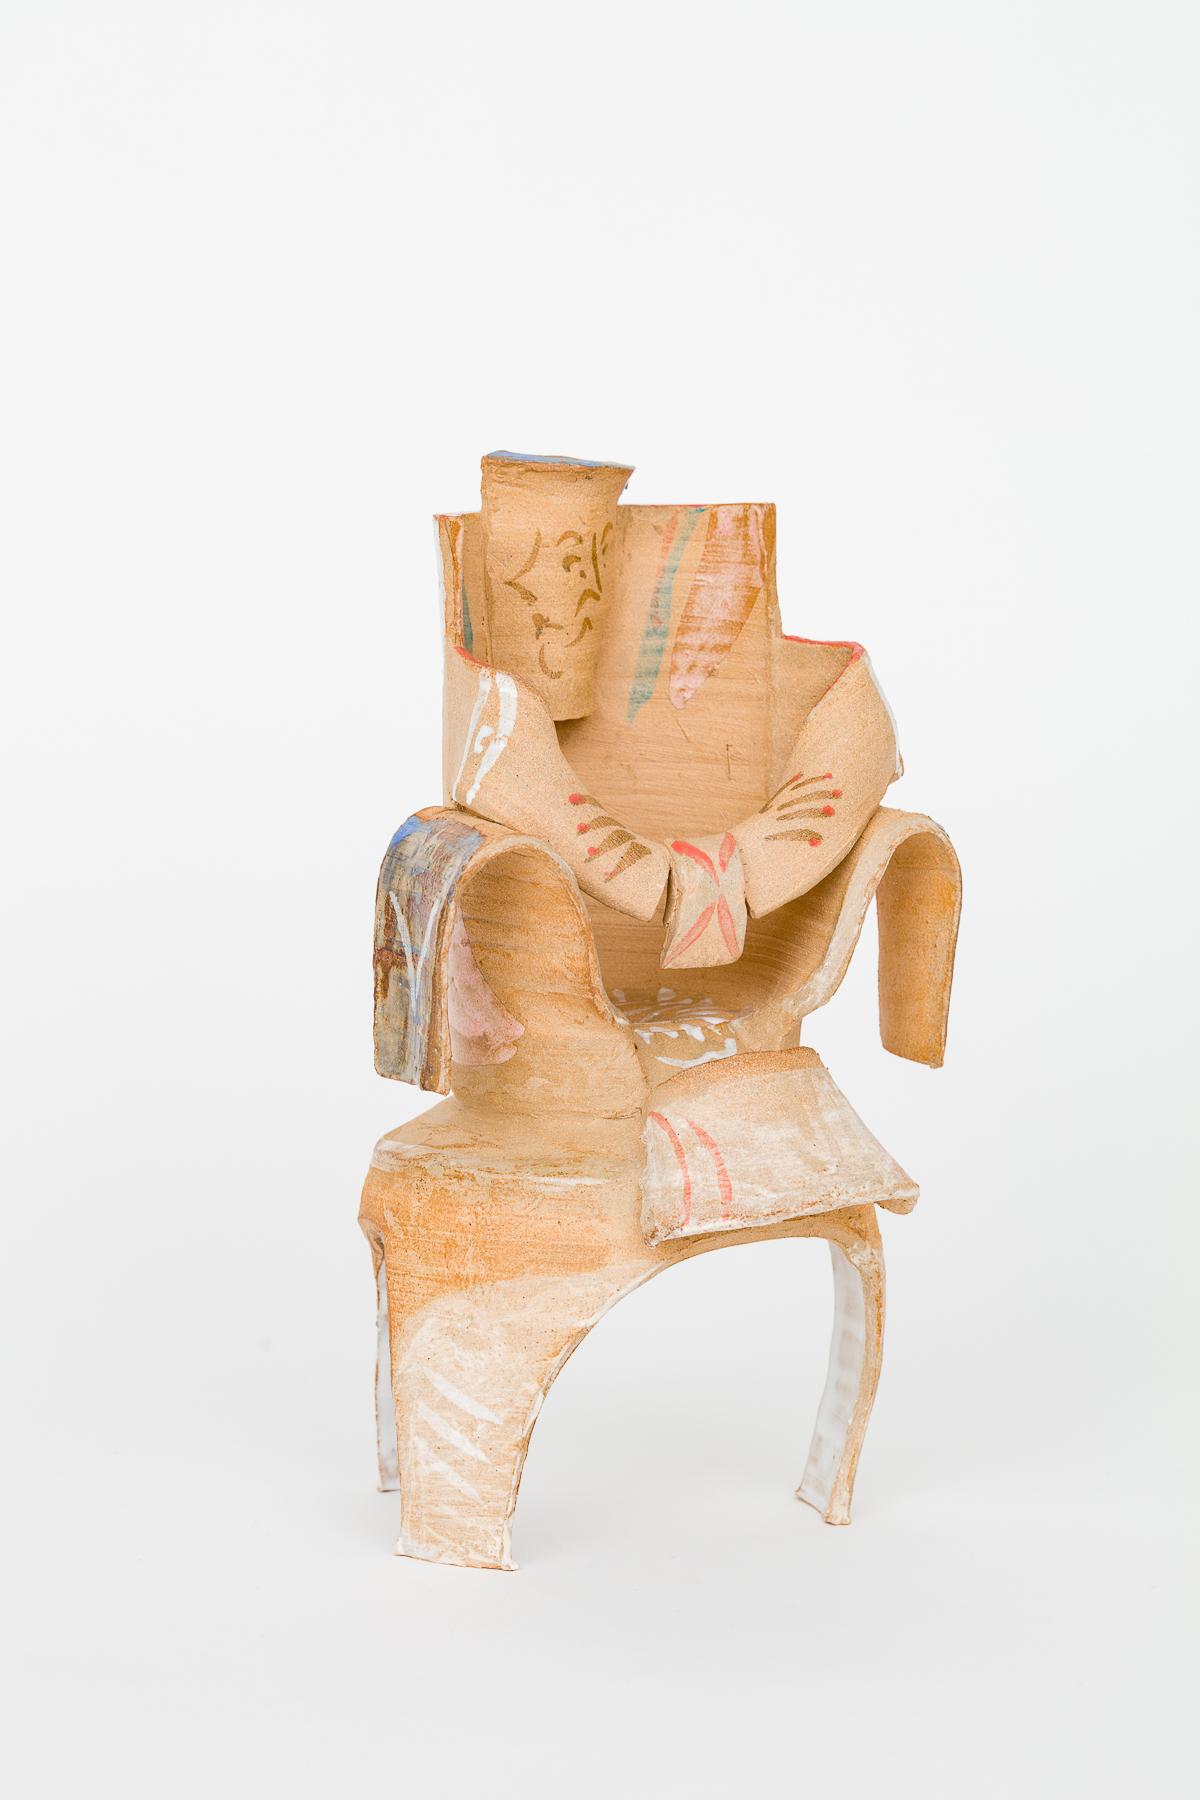 Anna Schachinger_Keramikskulpturen_bykunstdokumentationcom_2.jpg